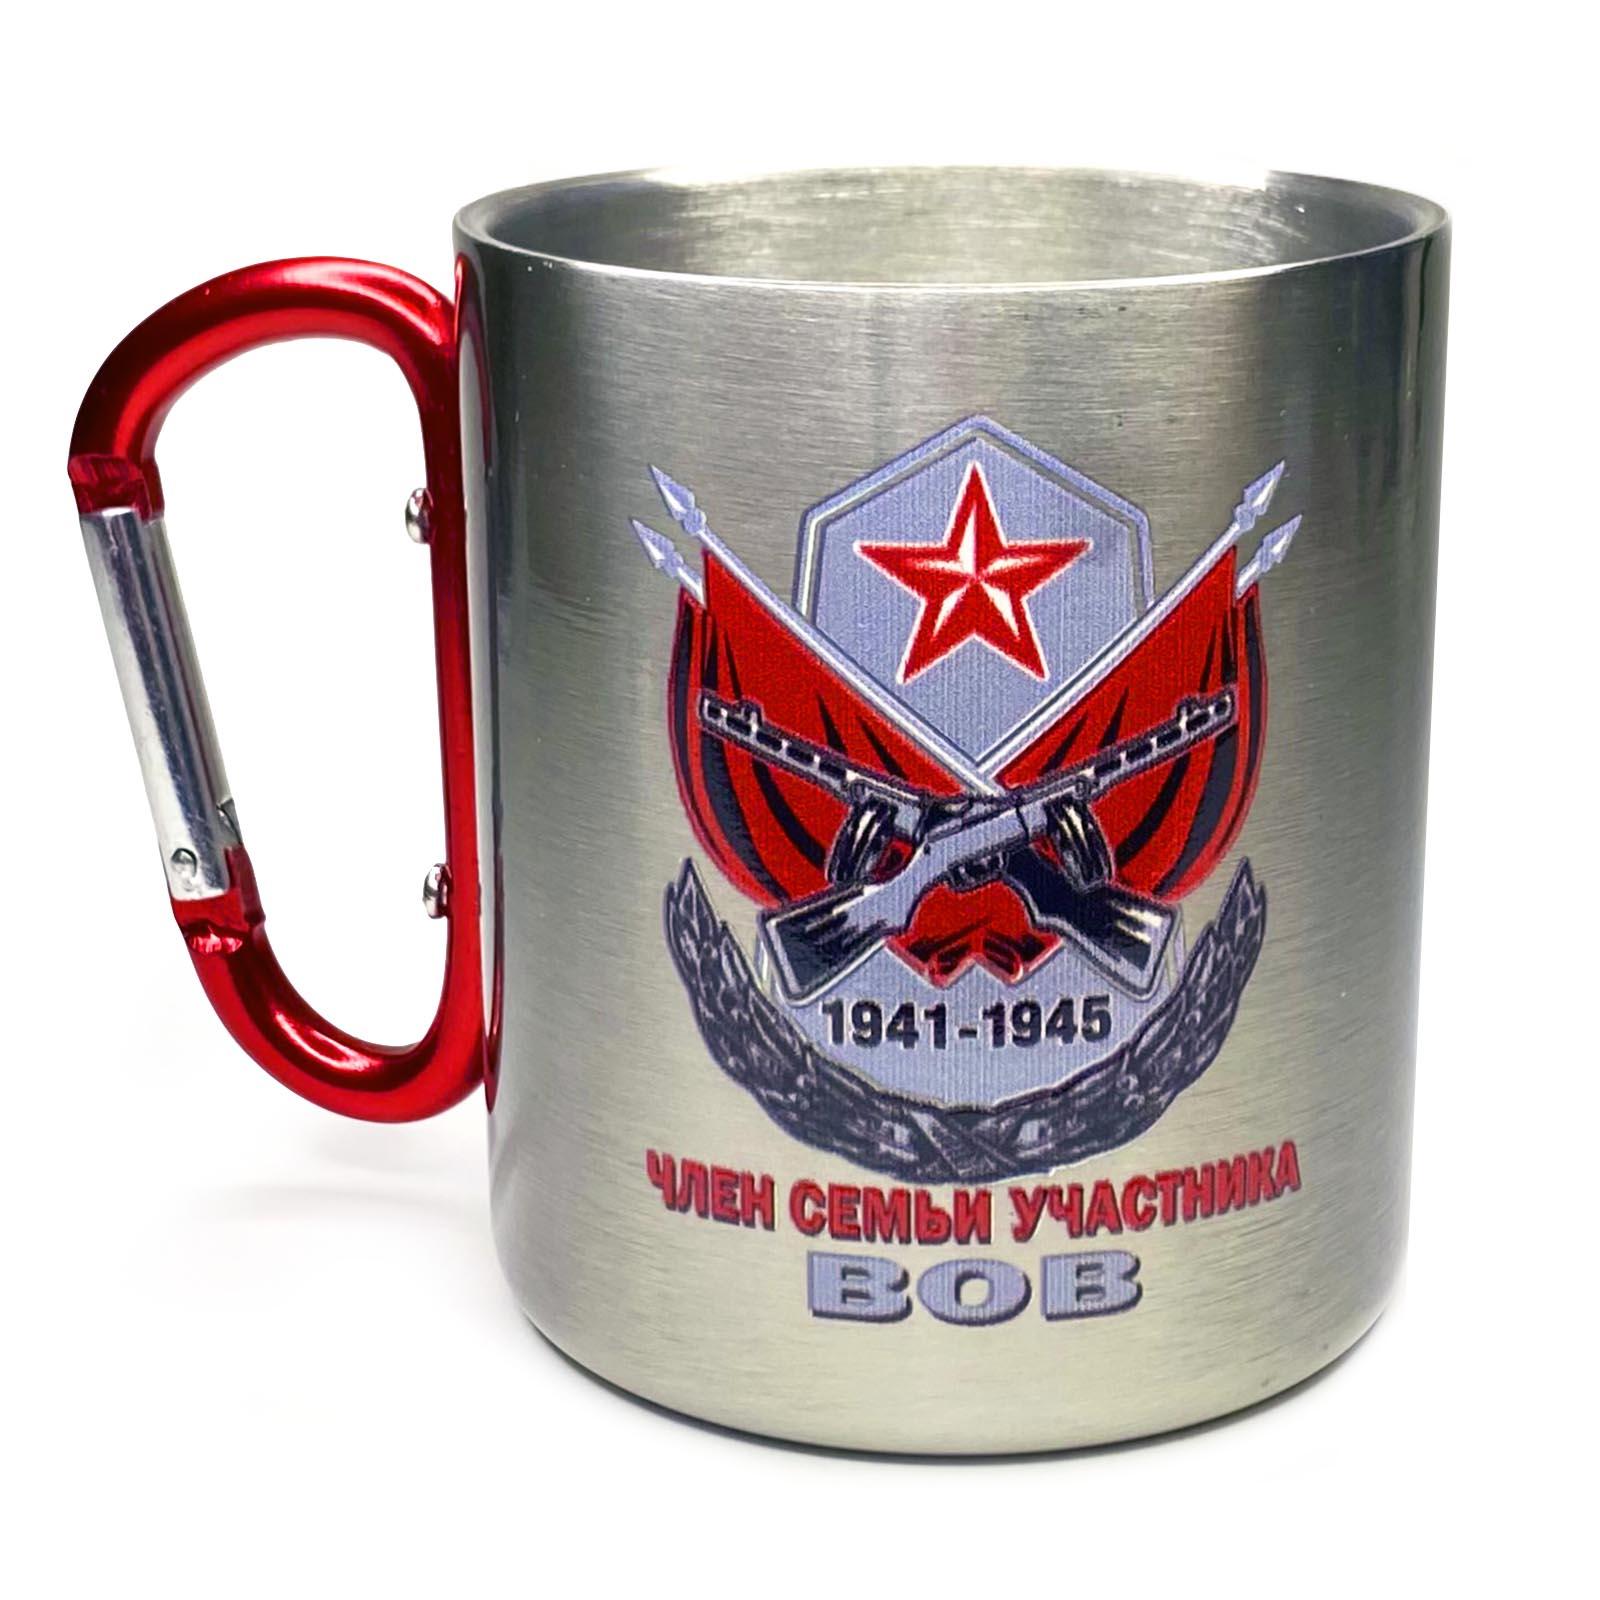 Кружка-карабин в подарок члену семьи участника ВОВ